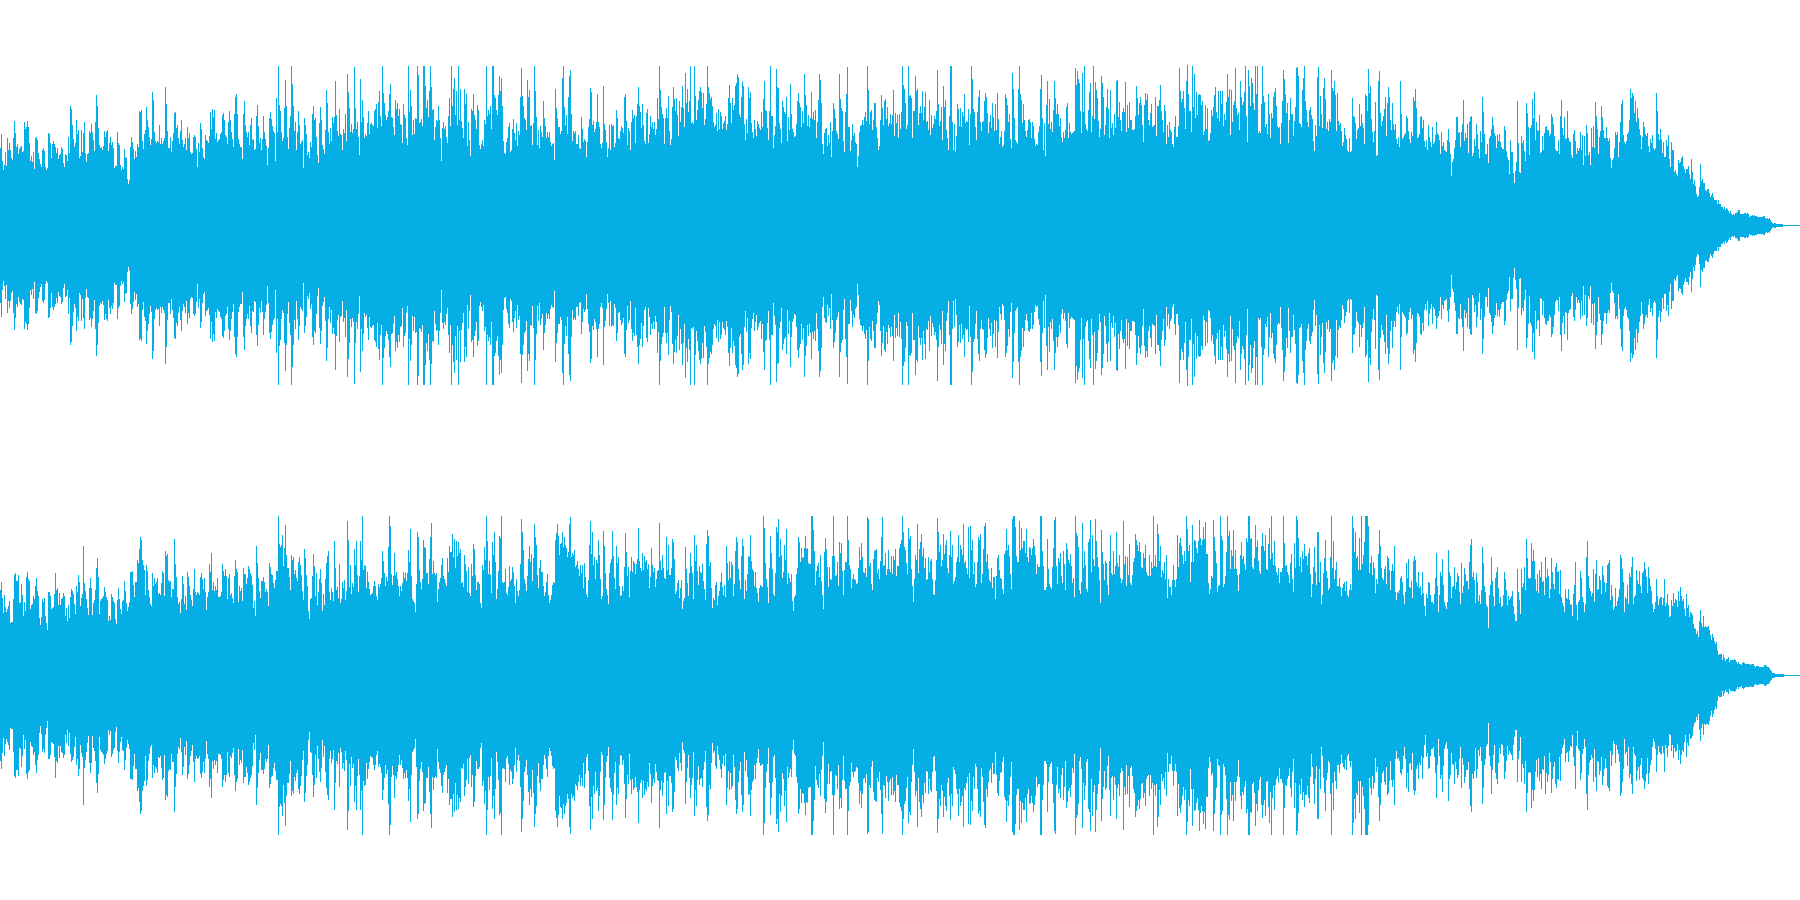 穏やかで優しいピアノポップサウンドの再生済みの波形